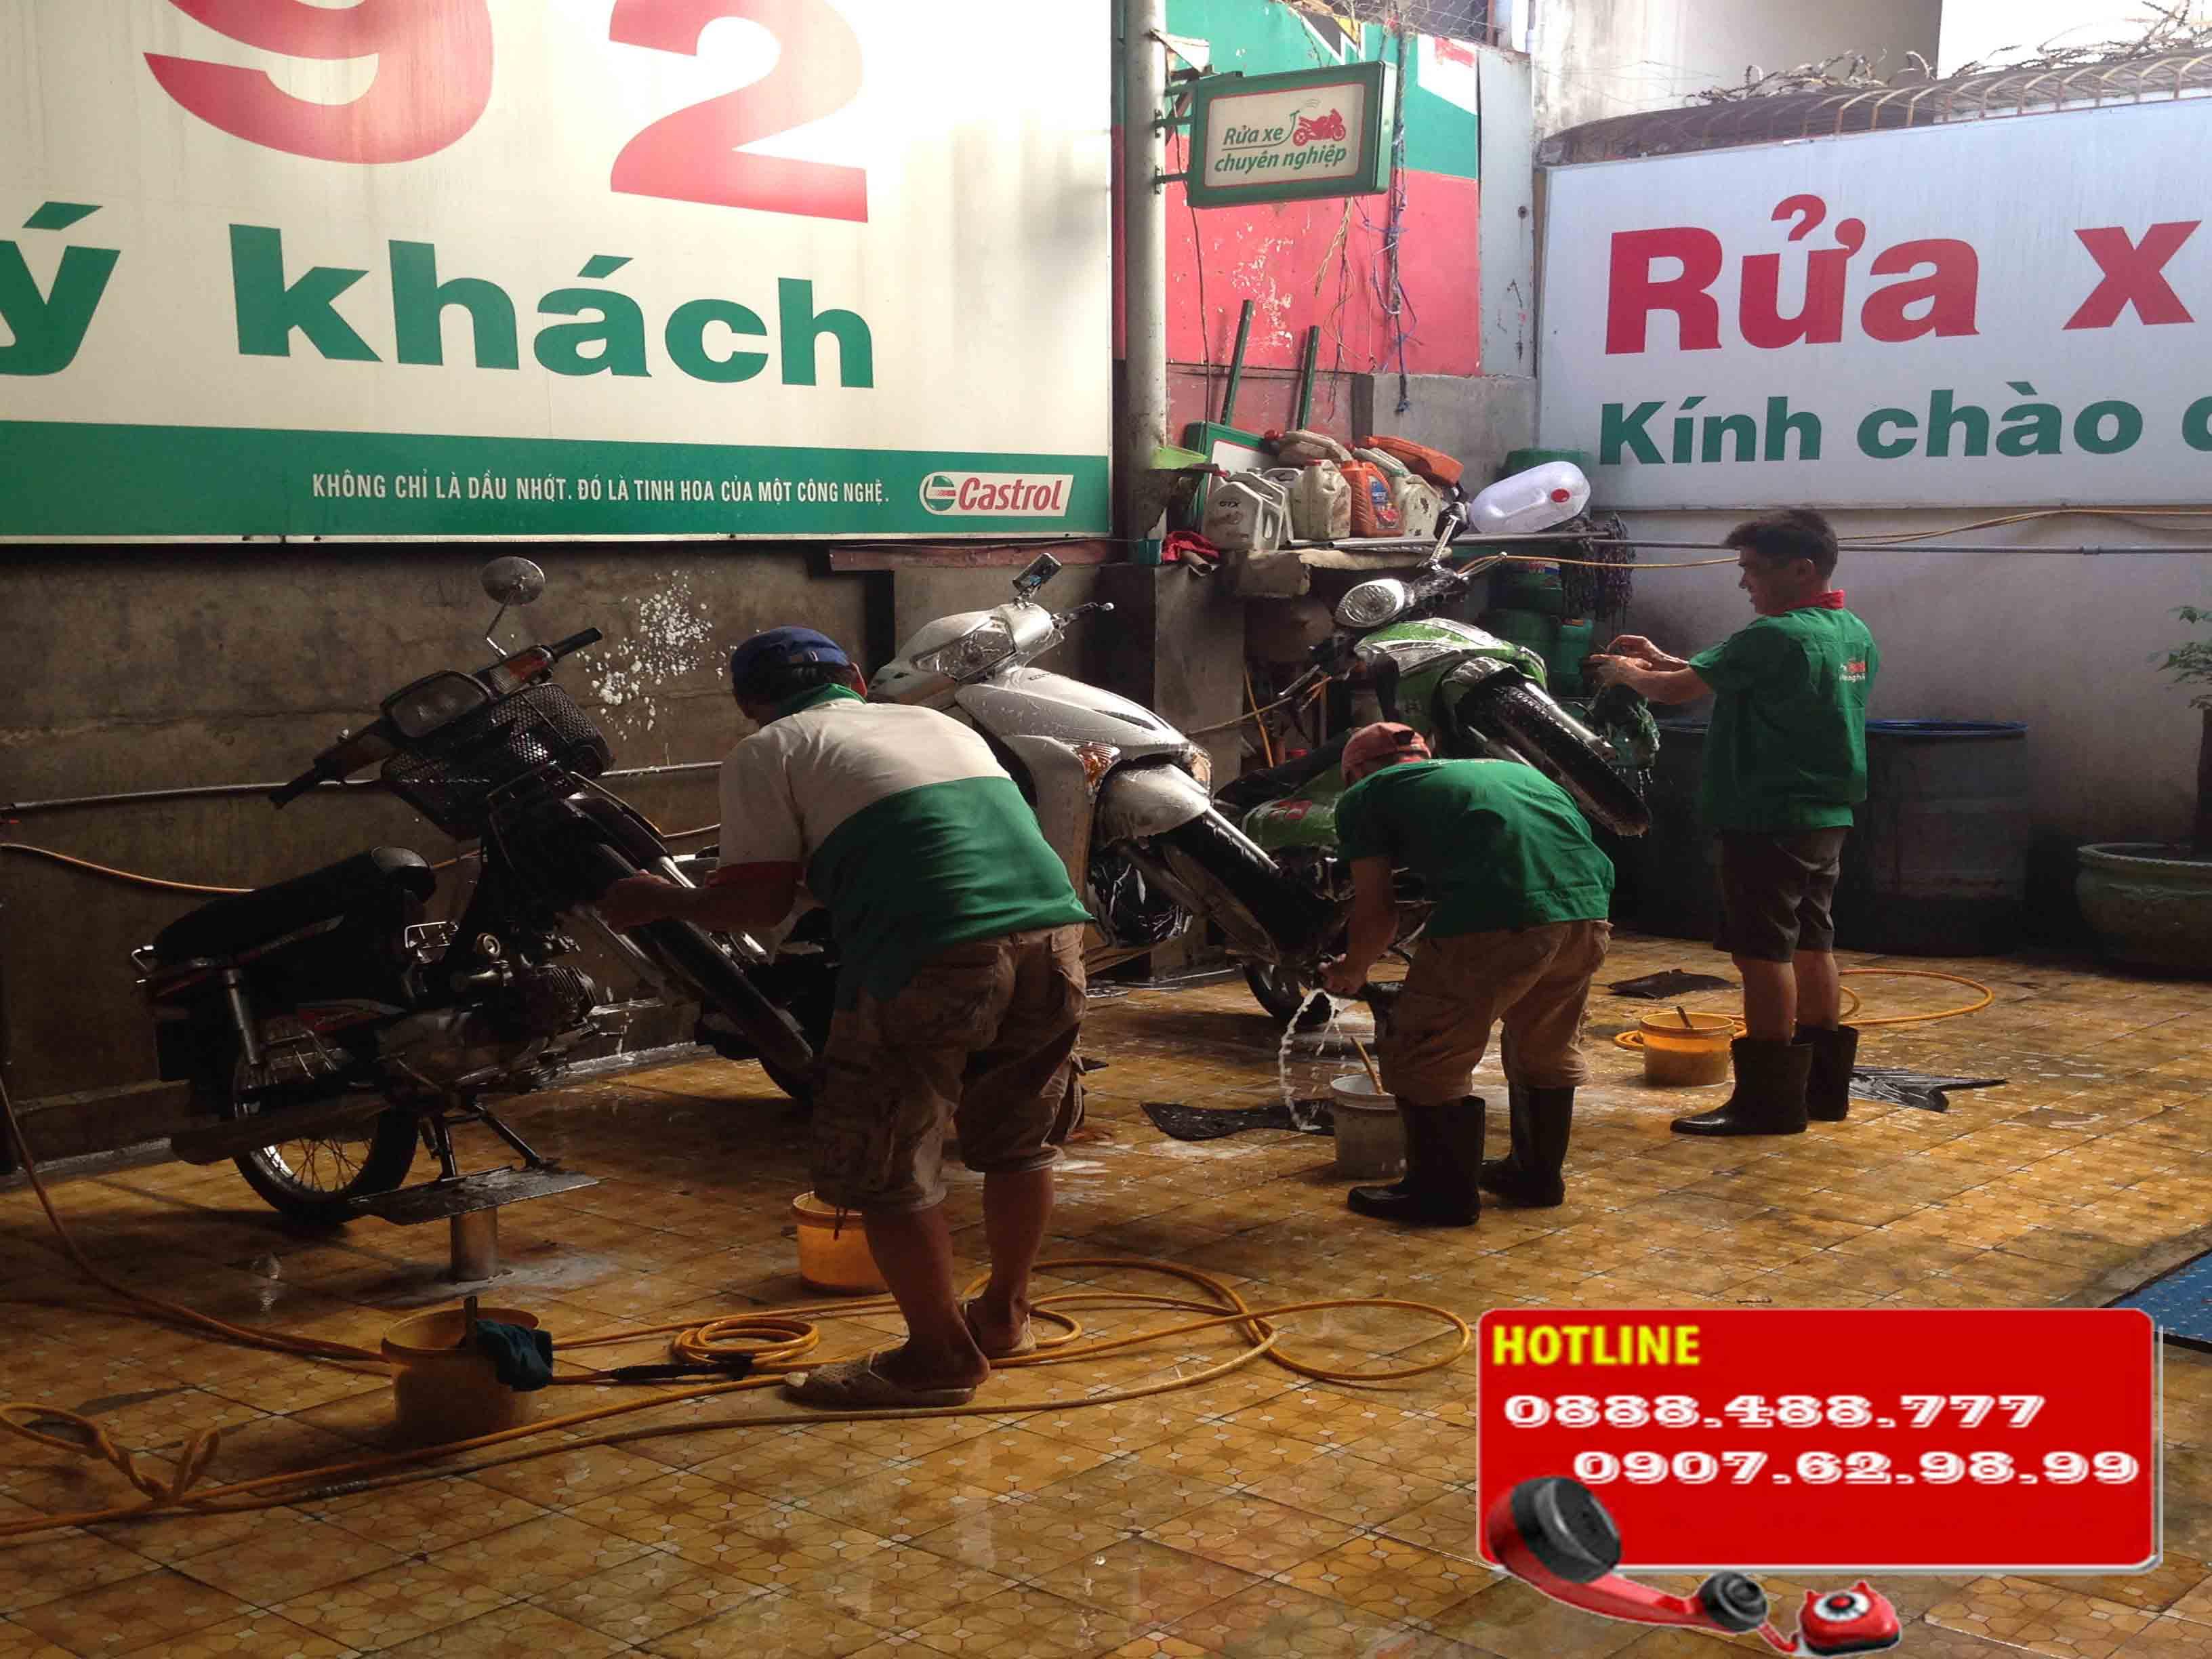 Một số hình ảnh các tiệm rửa xe mô tô mà công ty mới thi công lắp đặt.